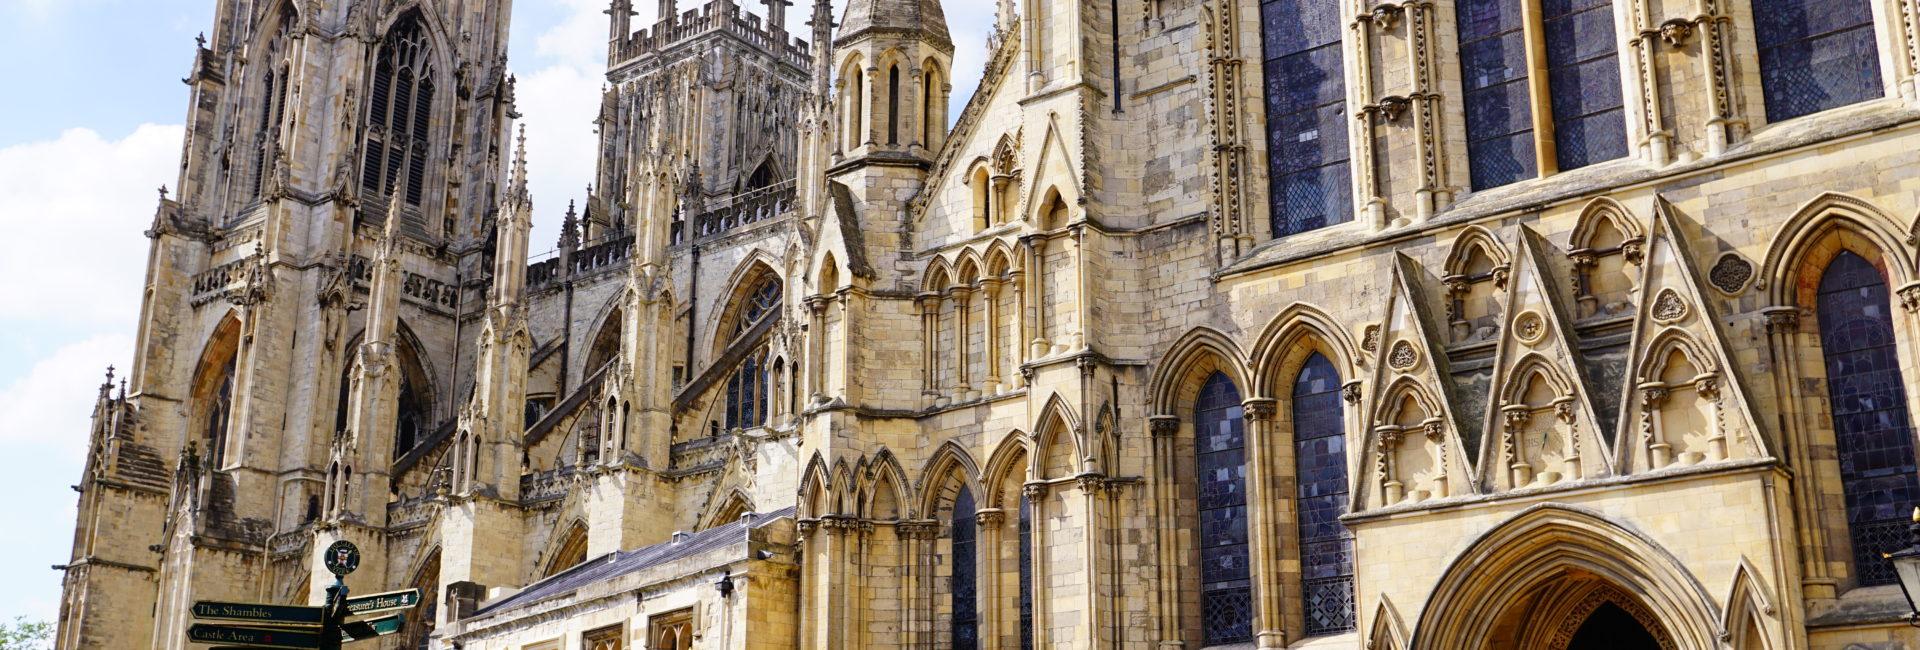 英國  約克 York  中世紀古城風情~約克一日遊(含景點攻略)